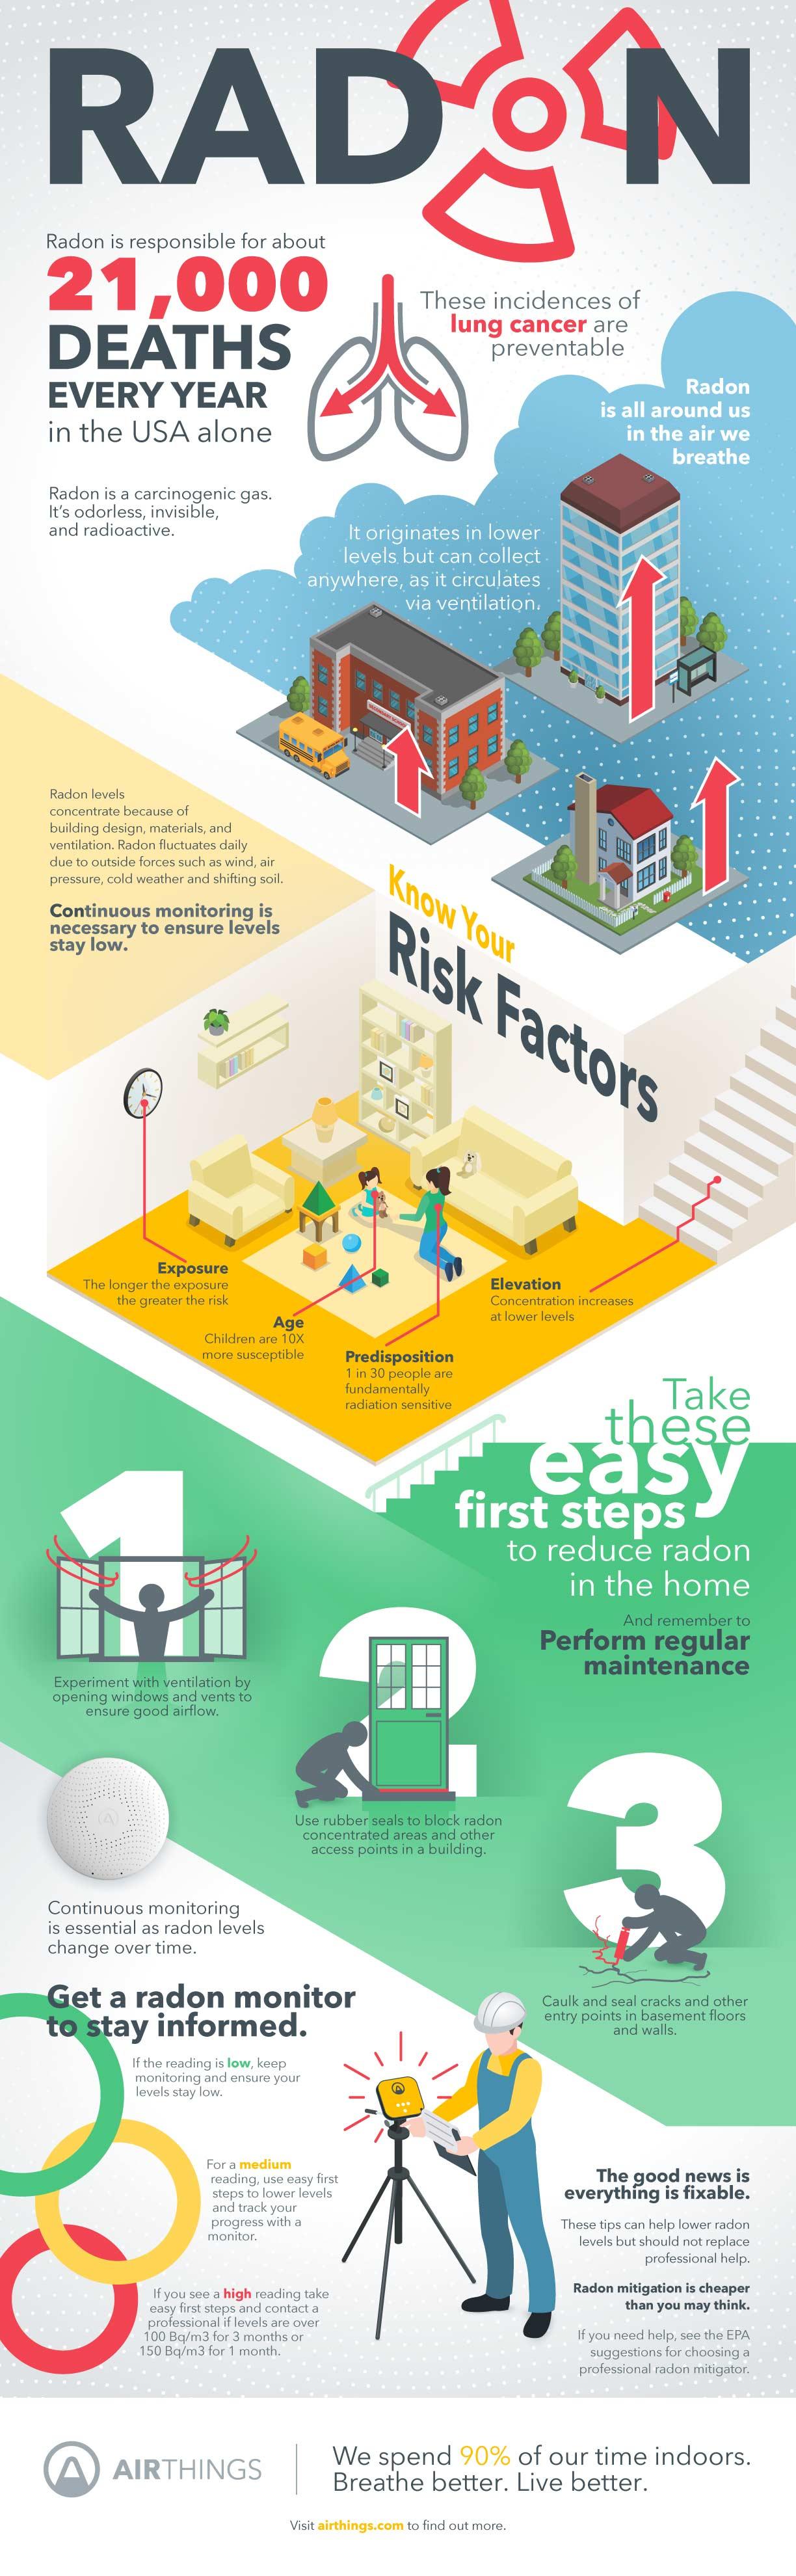 Airthings-Infographic-Radon-Homeowner-radon-guide